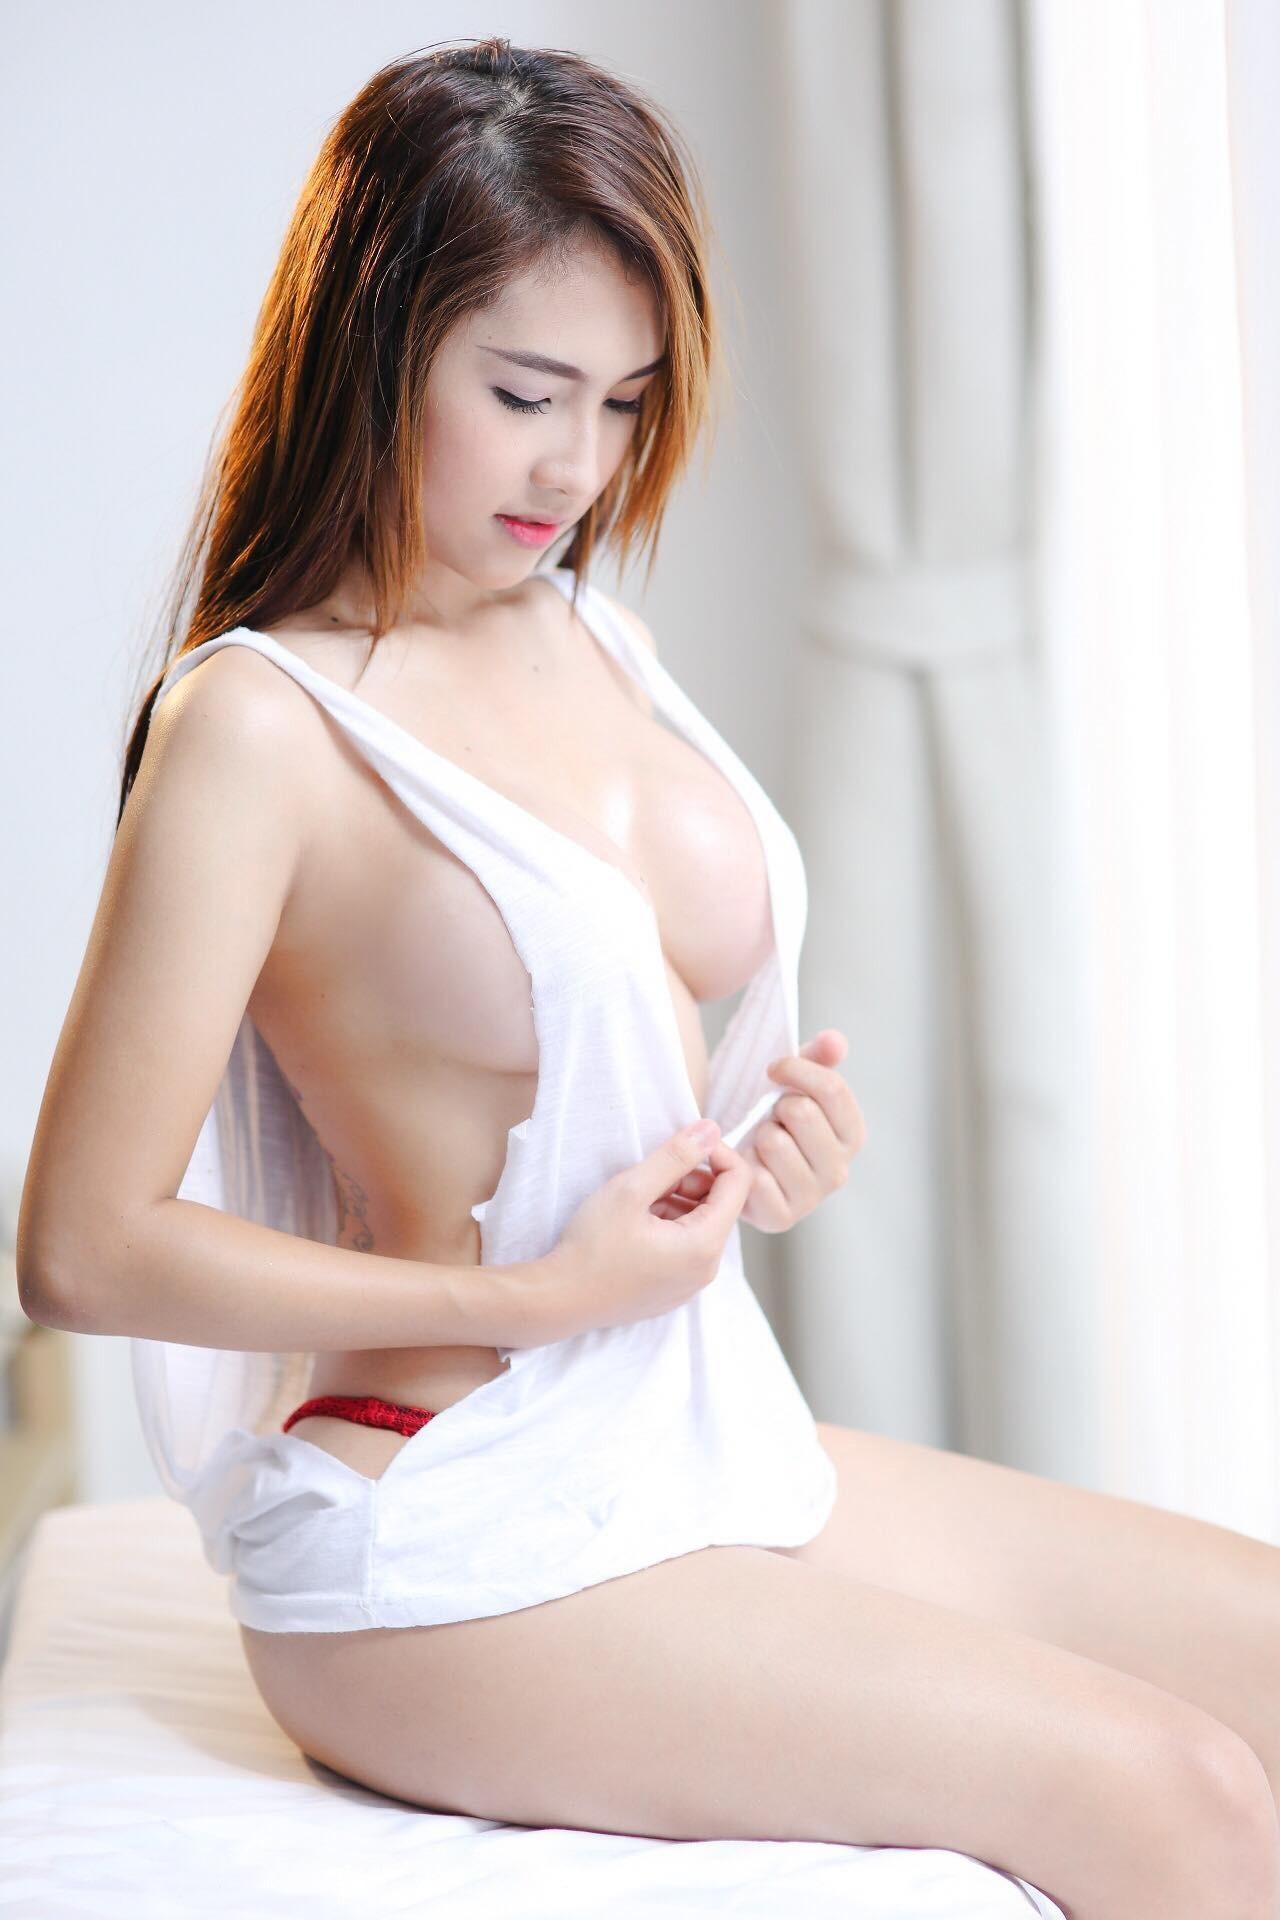 东亚火辣宝贝系列2,网红,乳球,CosPlay,蛇精脸,绝妙好文